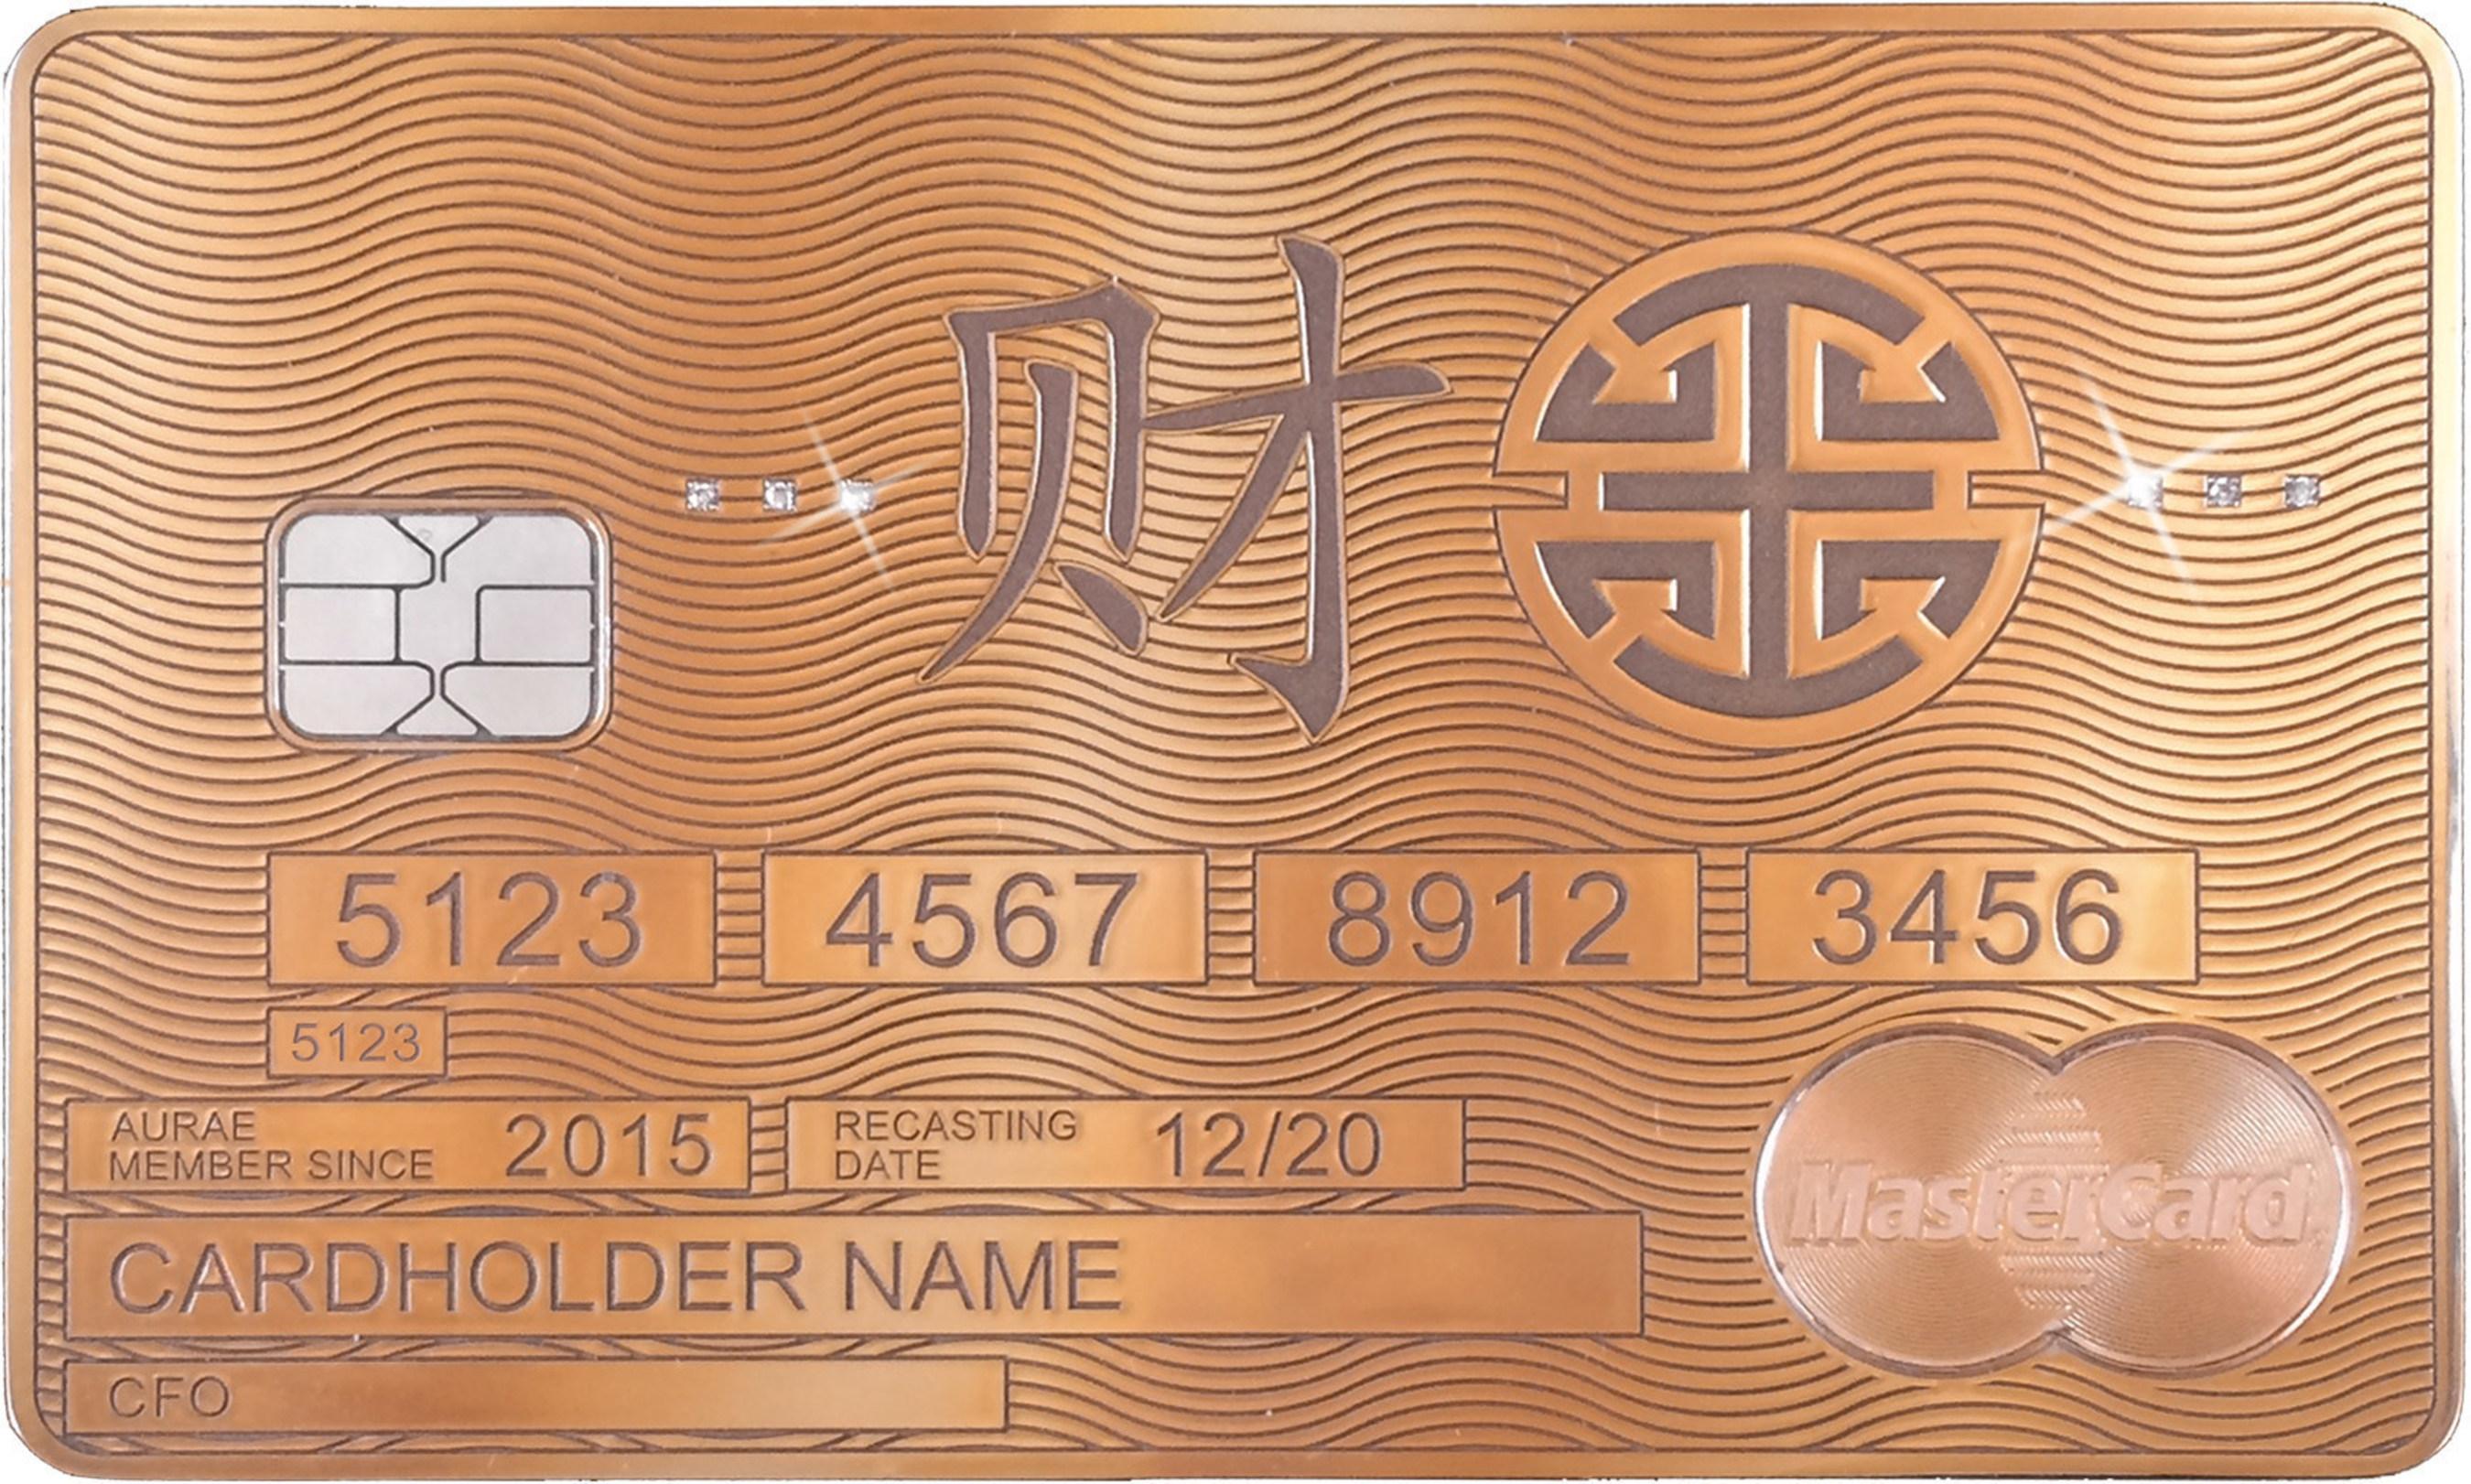 Aurae представляет эксклюзивную имиджевую программу и карту Aurae Solid Gold MasterCard®